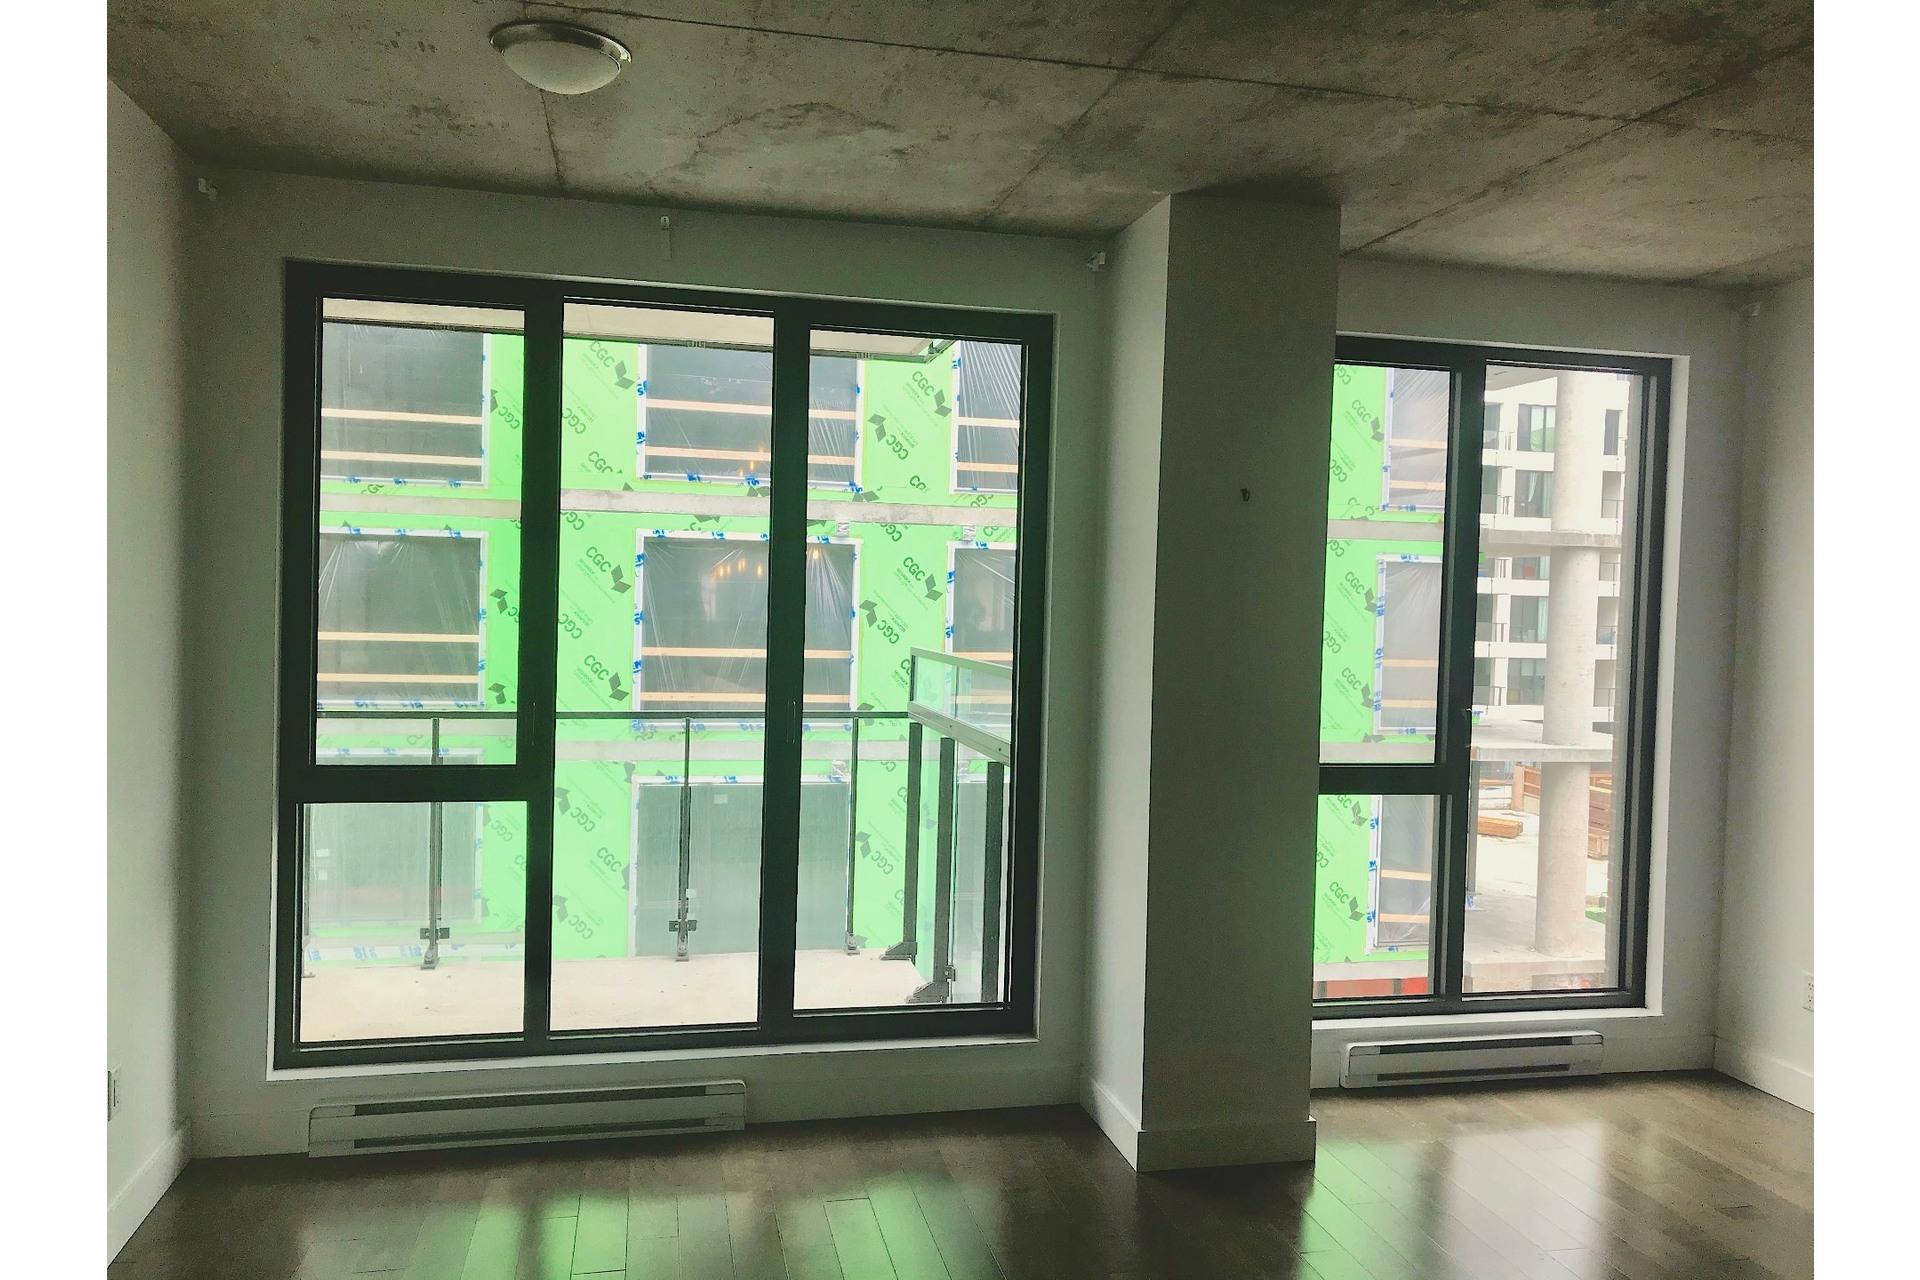 image 8 - Appartement À vendre Villeray/Saint-Michel/Parc-Extension Montréal  - 4 pièces